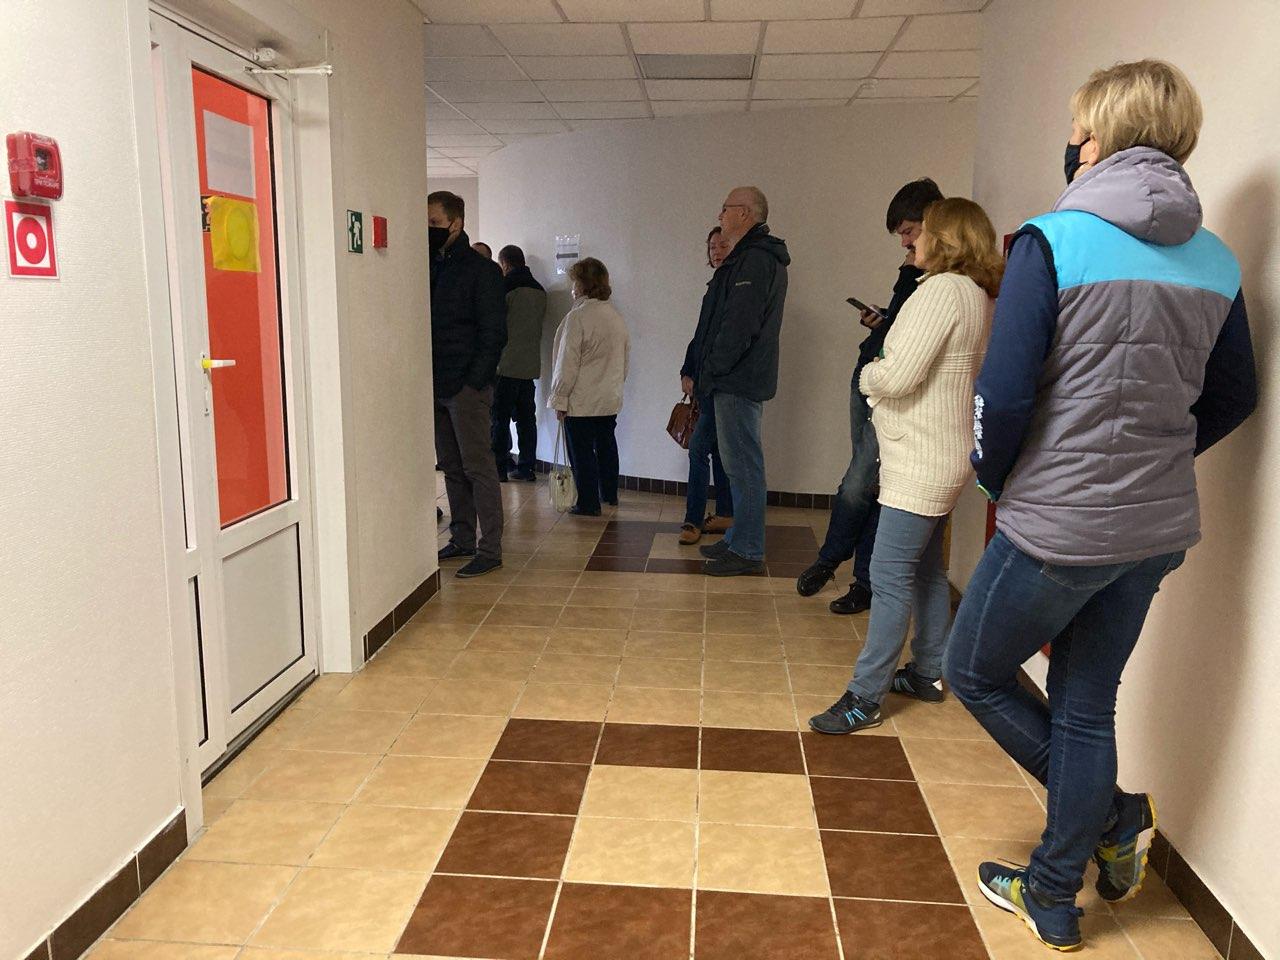 Заявители ждут в конференц-зале начала судебного заседания. Фото: Ирина КОМИК